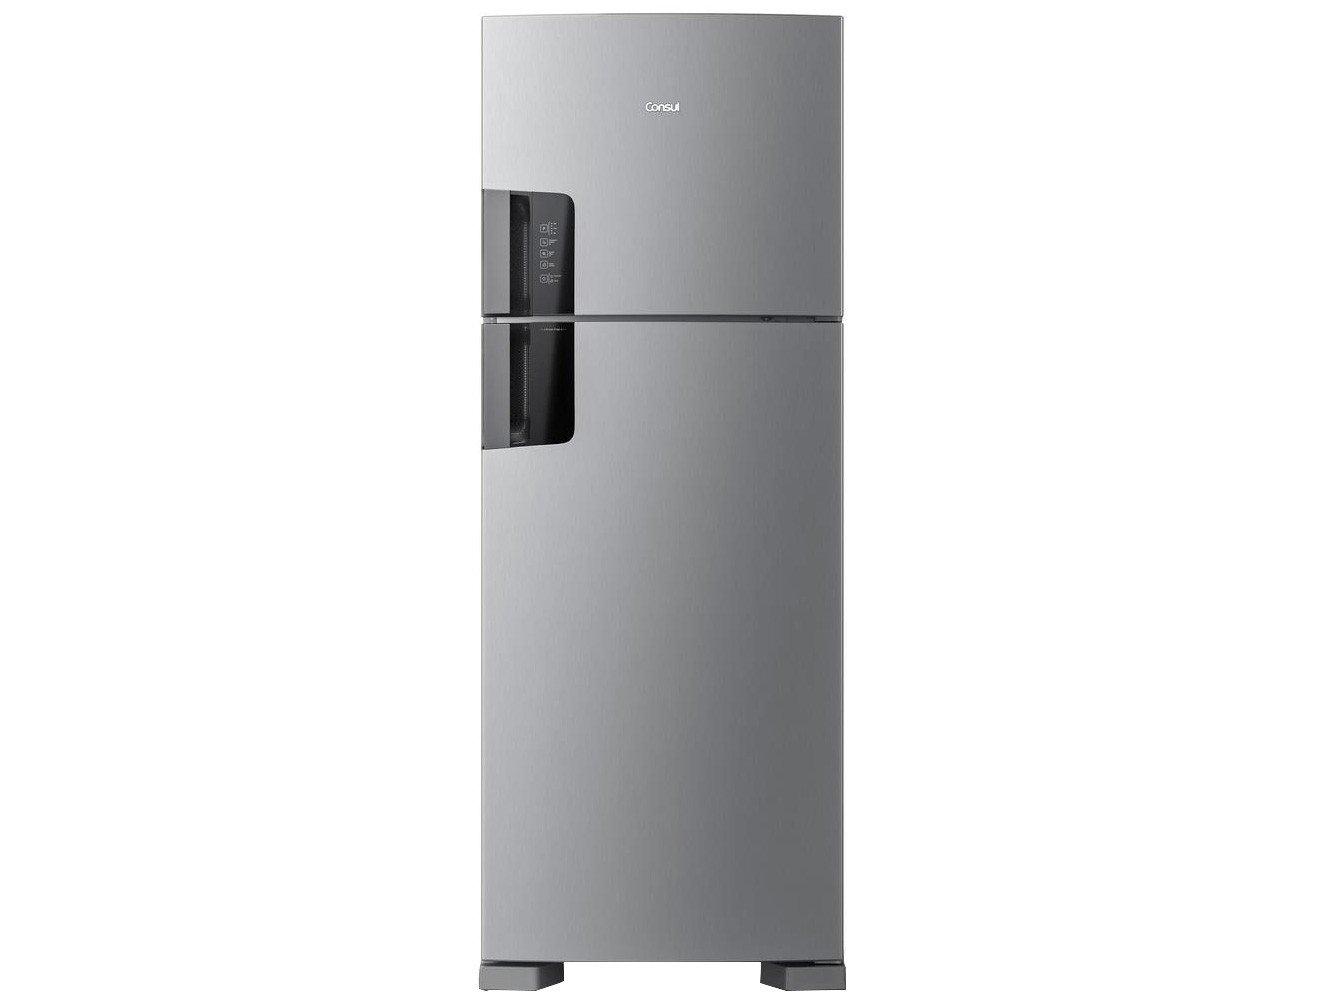 Geladeira/Refrigerador Consul Frost Free - Duplex 450L CRM56HK - 220 V